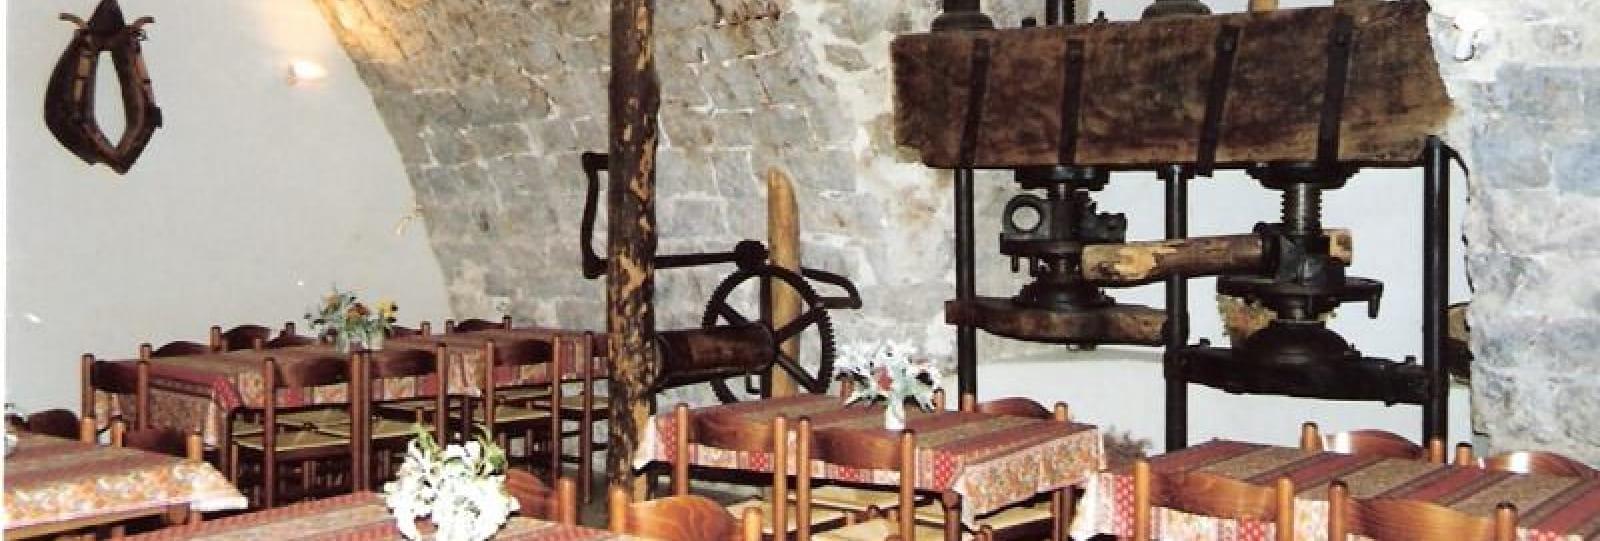 Auberge 'Le Moulin du Château'